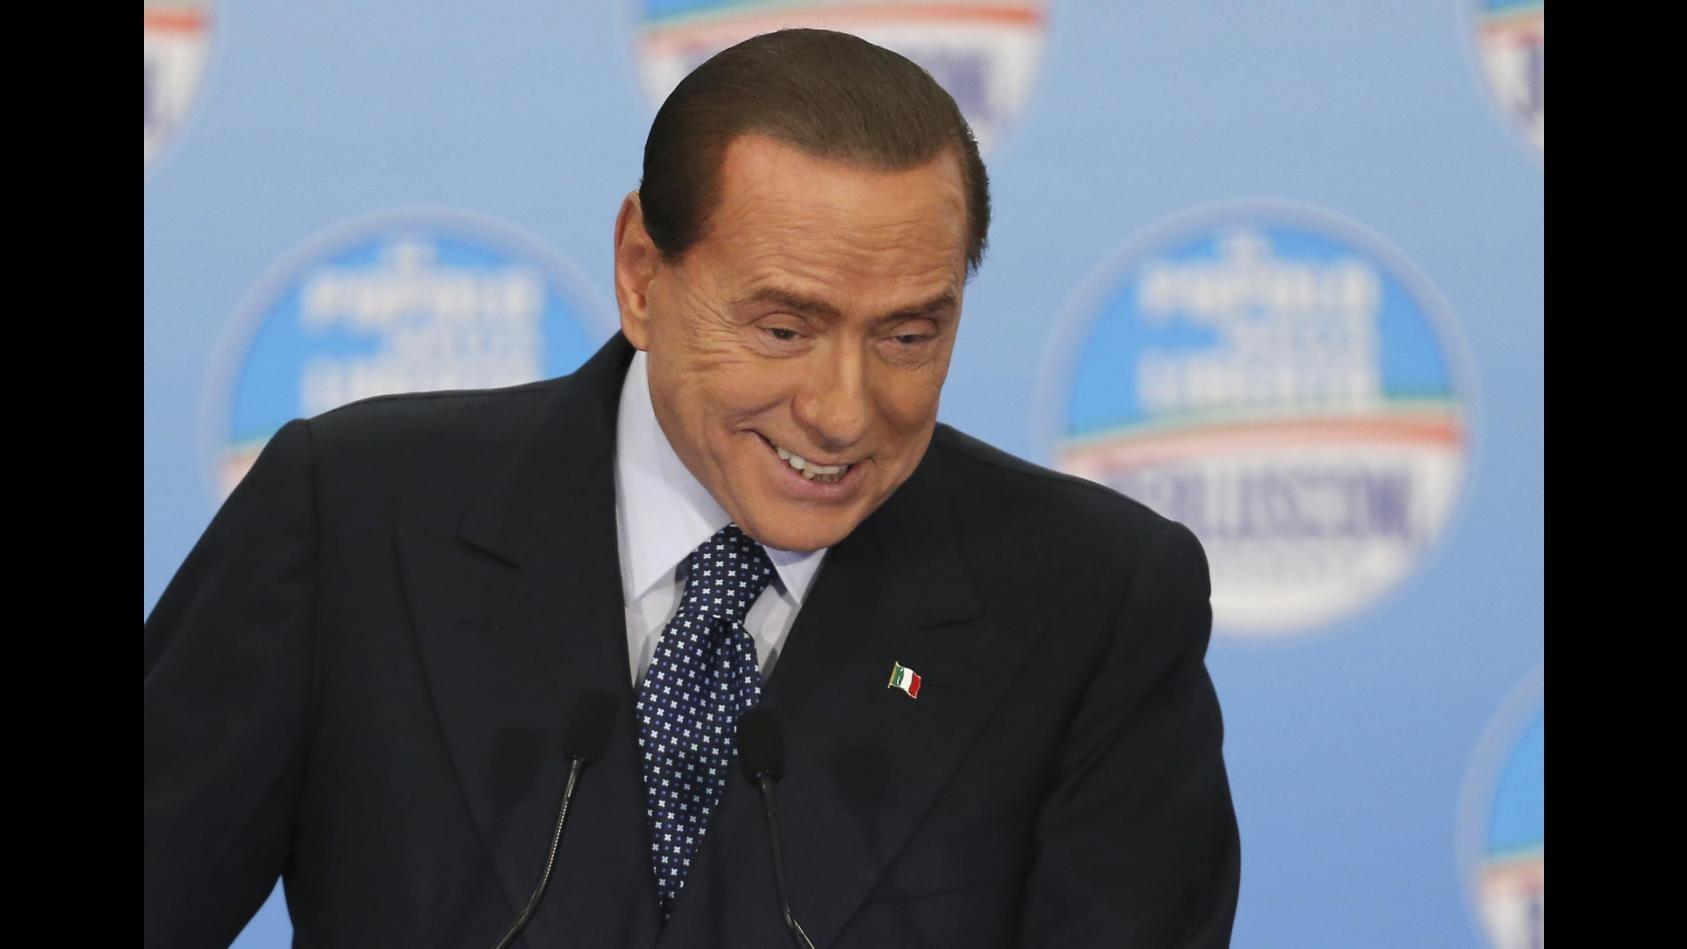 Da Berlusconi 'proposta choc': Restituiremo a cittadini Imu pagata nel 2012